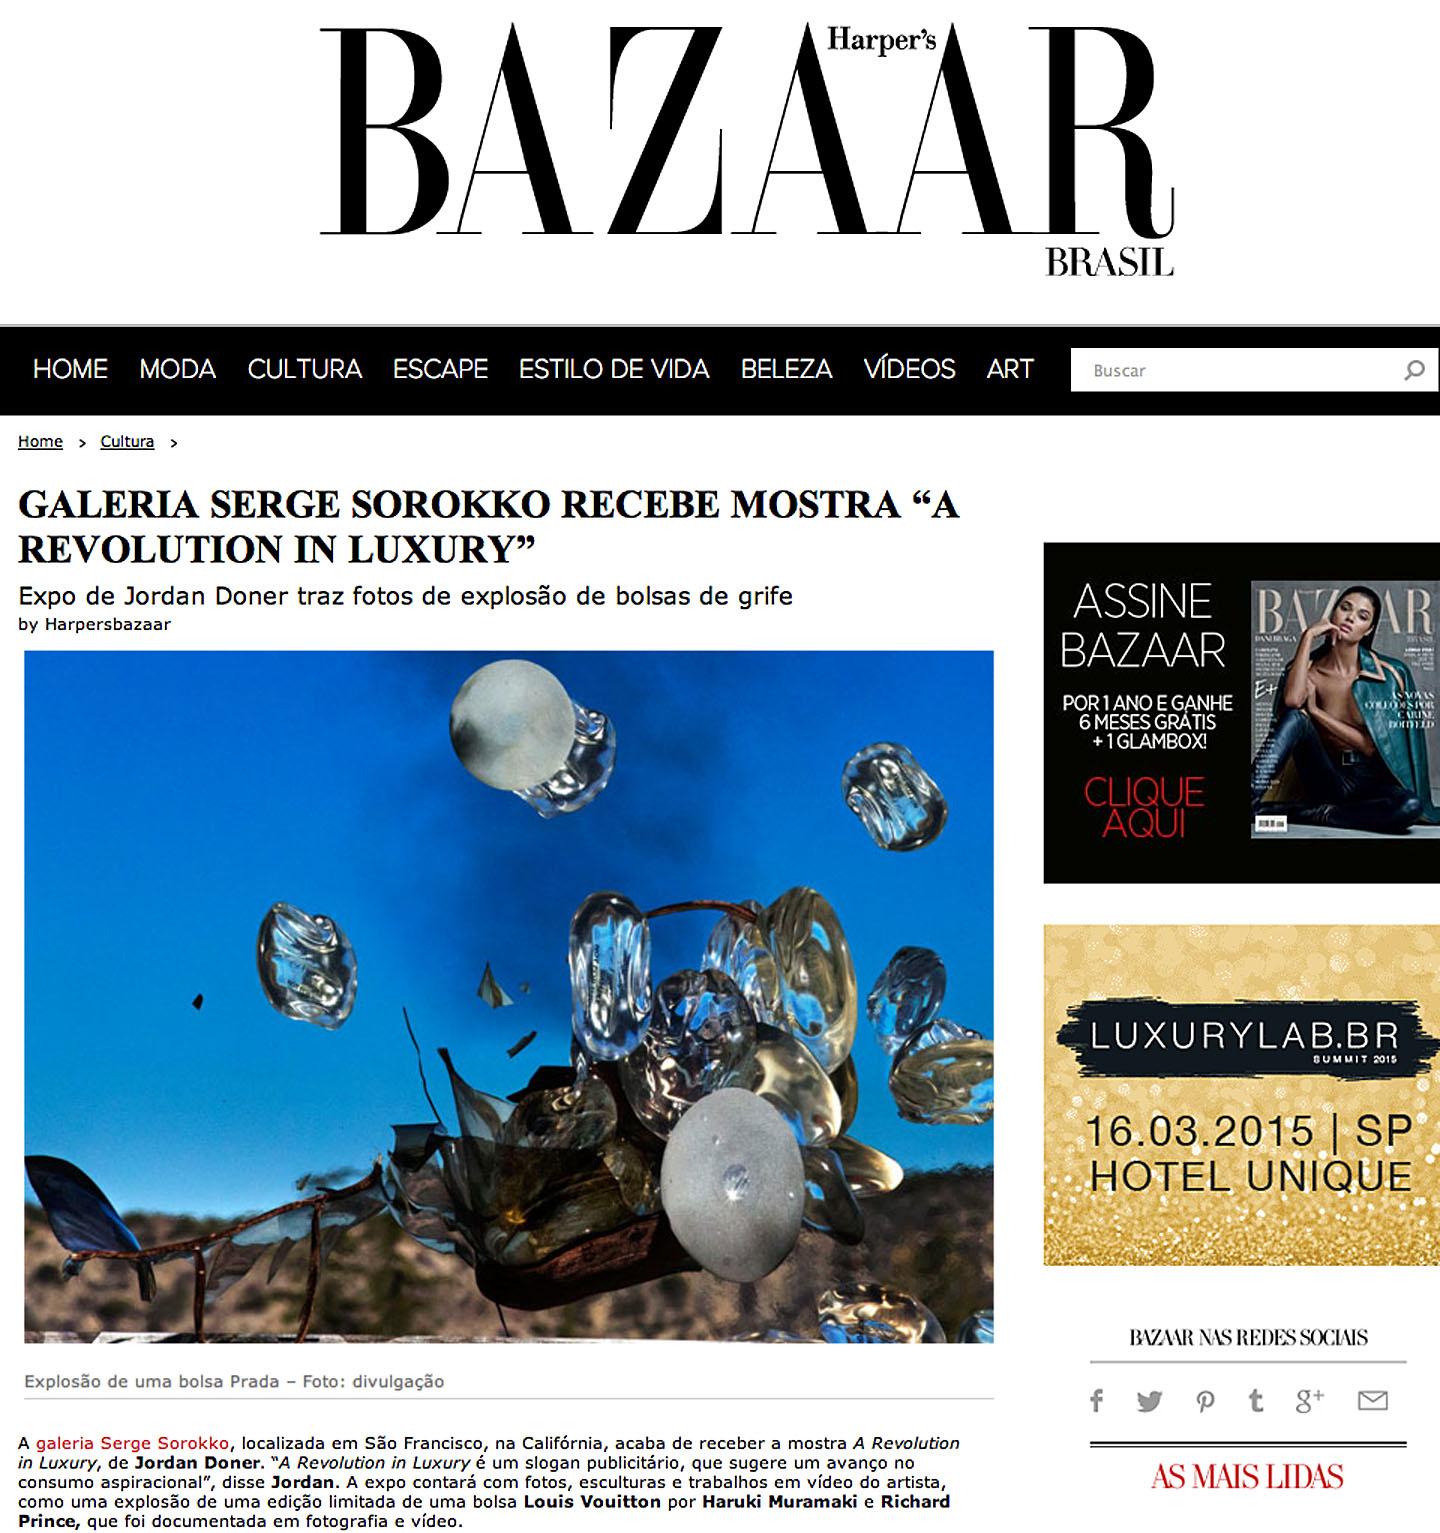 BazaarBrazil